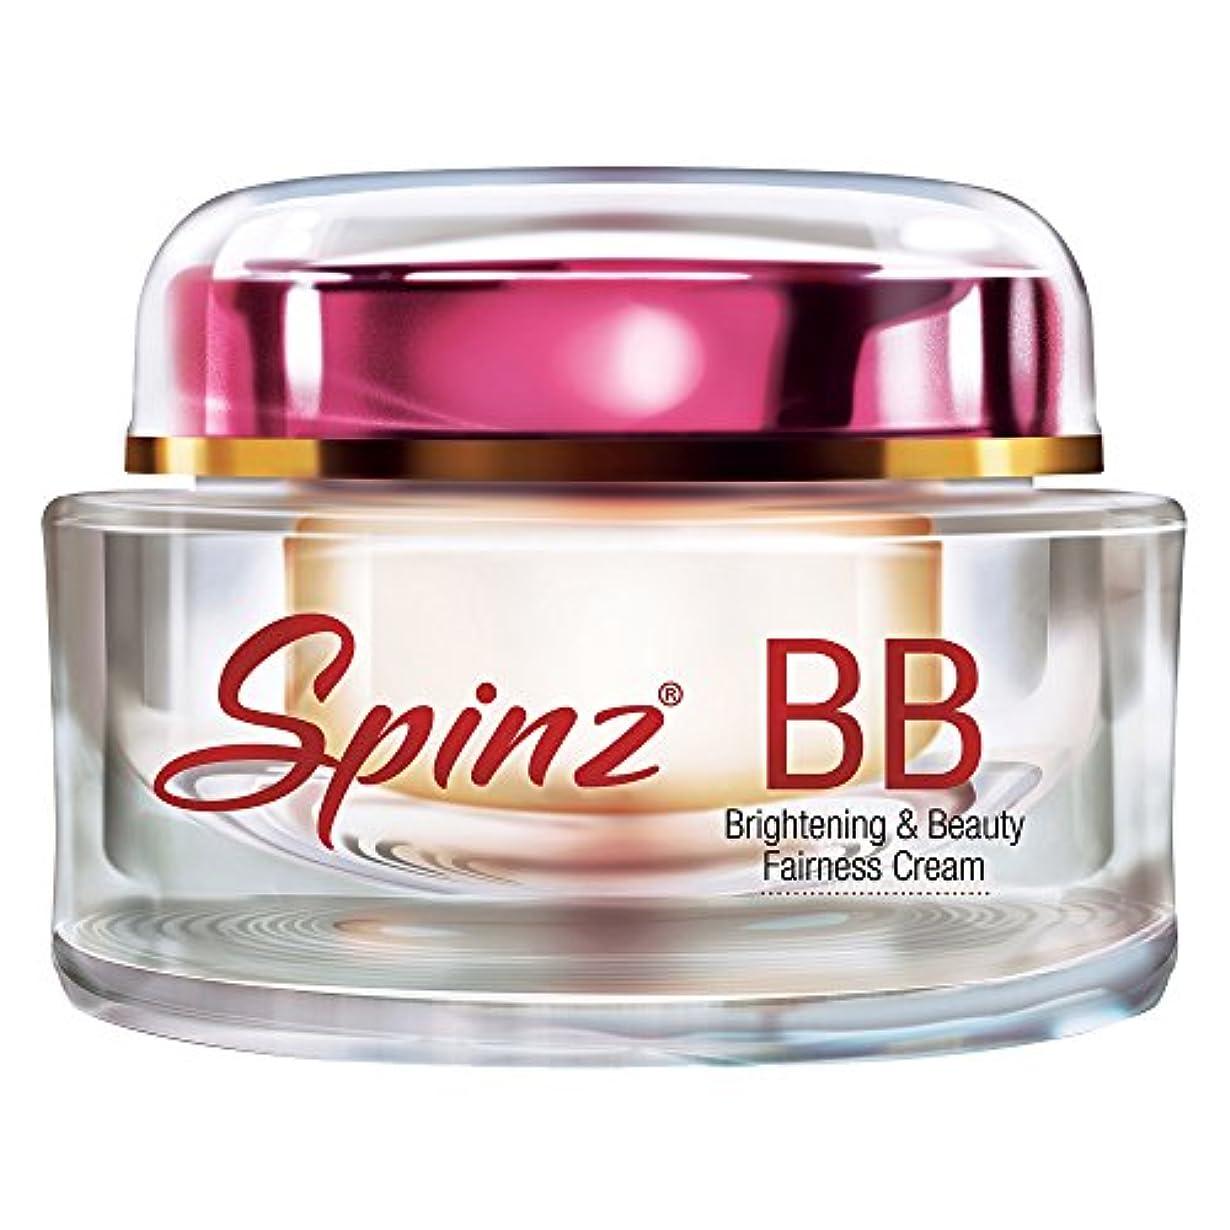 ナチュラ正しく評論家Spinz BB Fairness Cream, 50gm